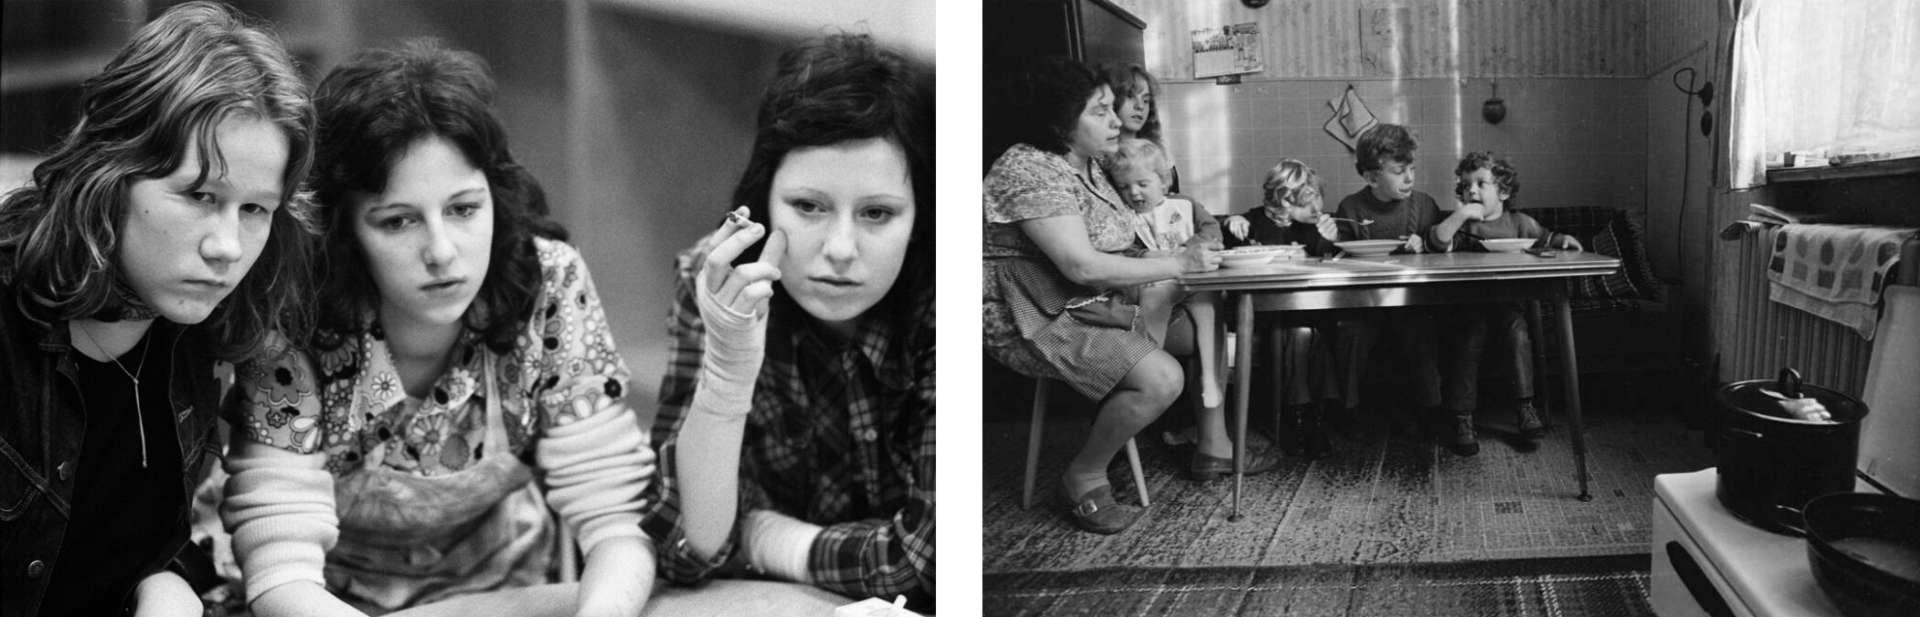 Reportagen aus den 70ern